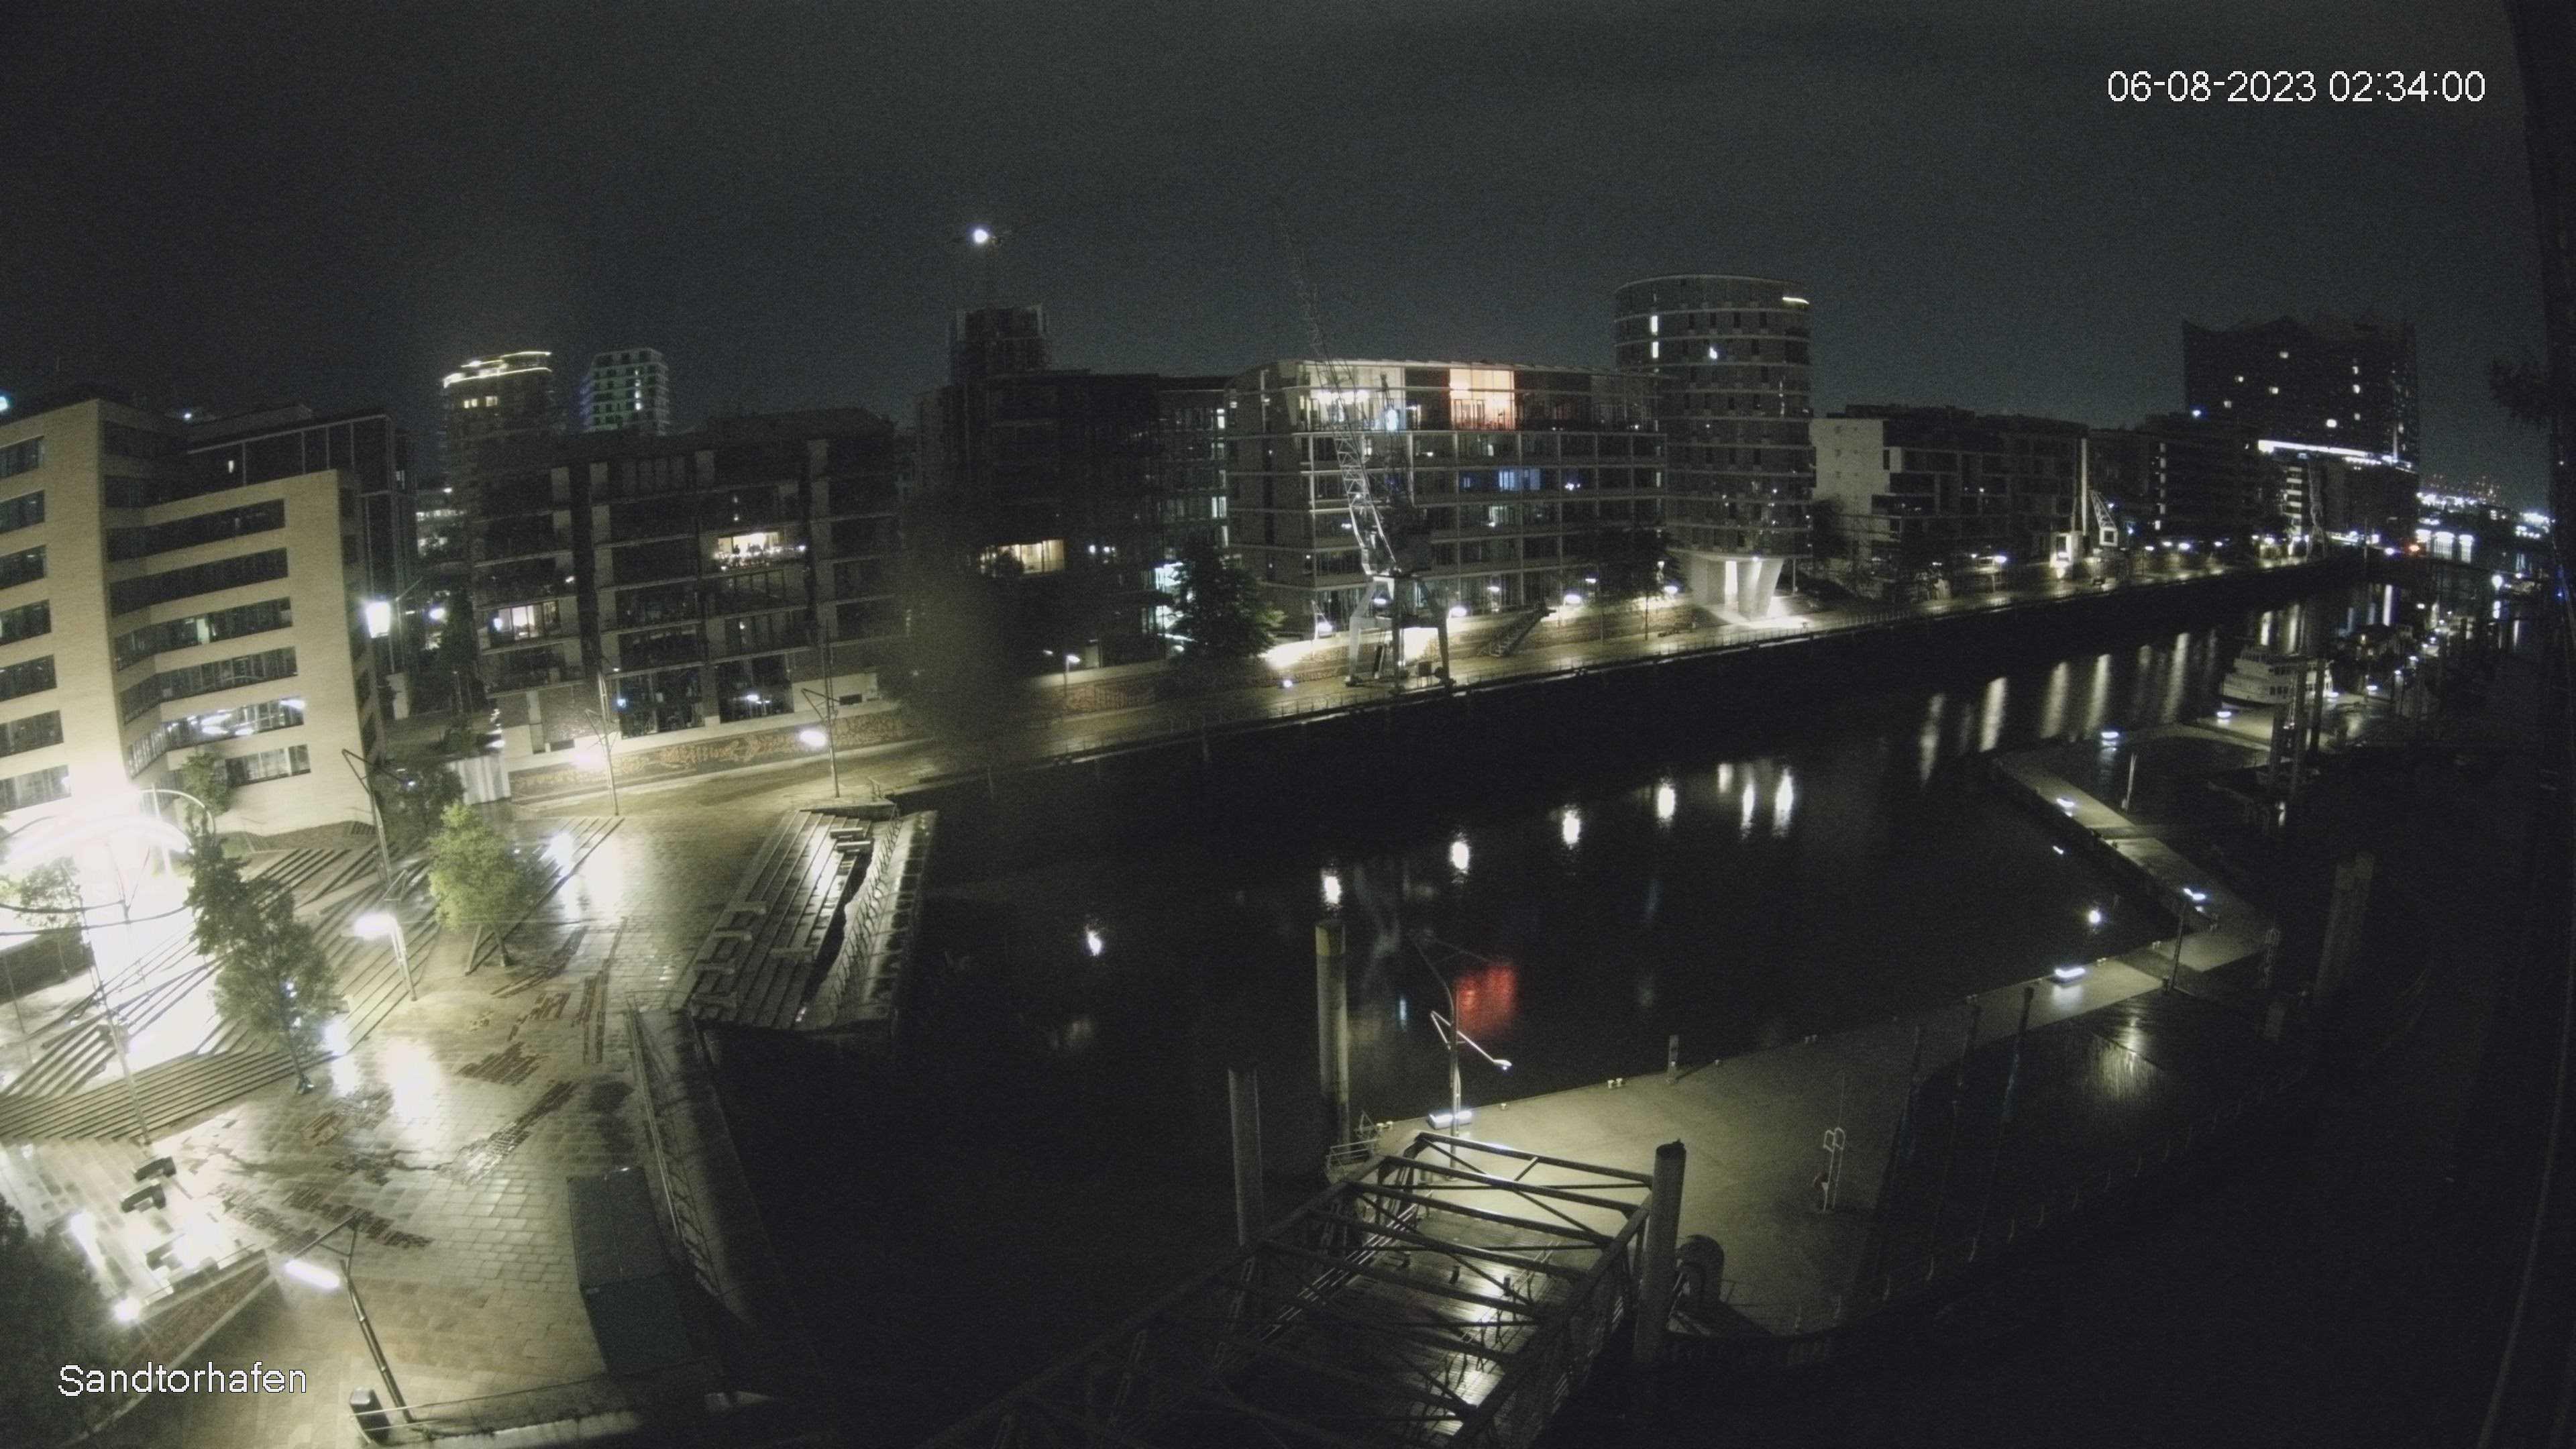 Hamburg Thu. 02:35